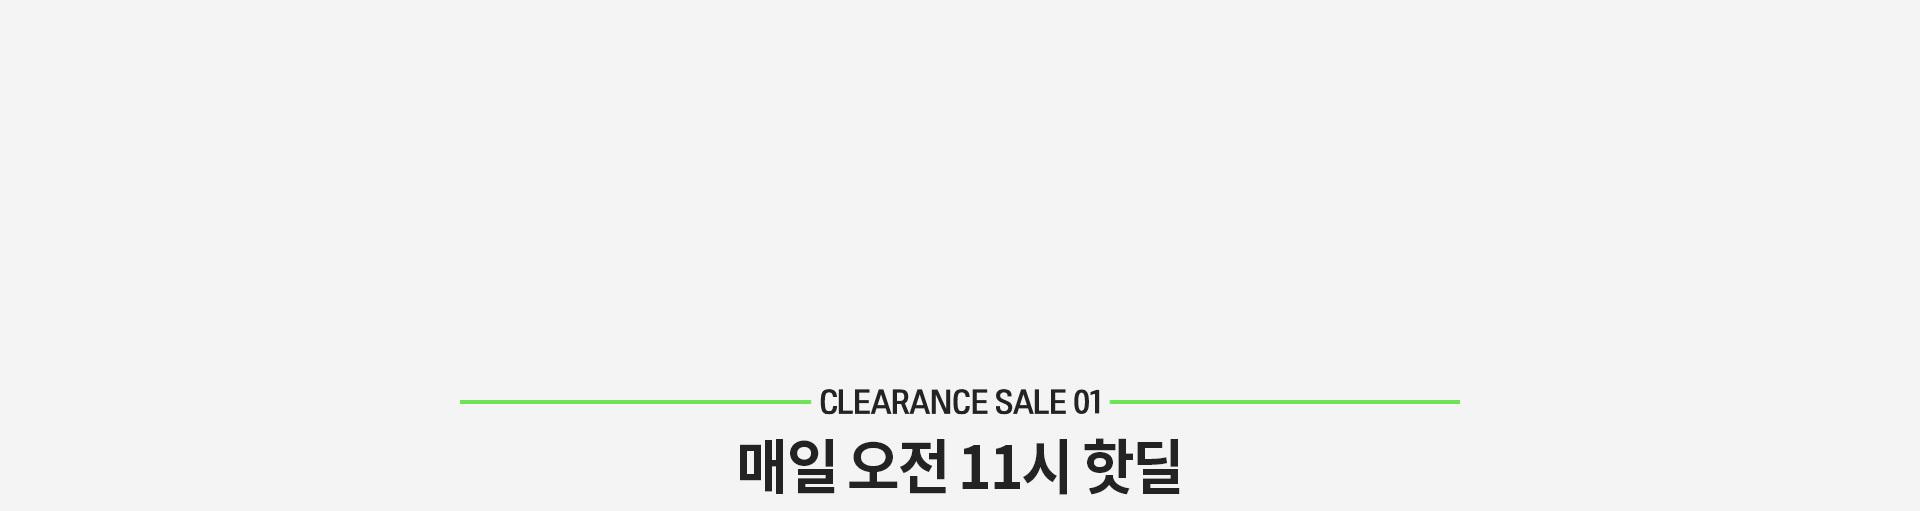 CLEARANCE SALE 01 매일 오전 11시 핫딜